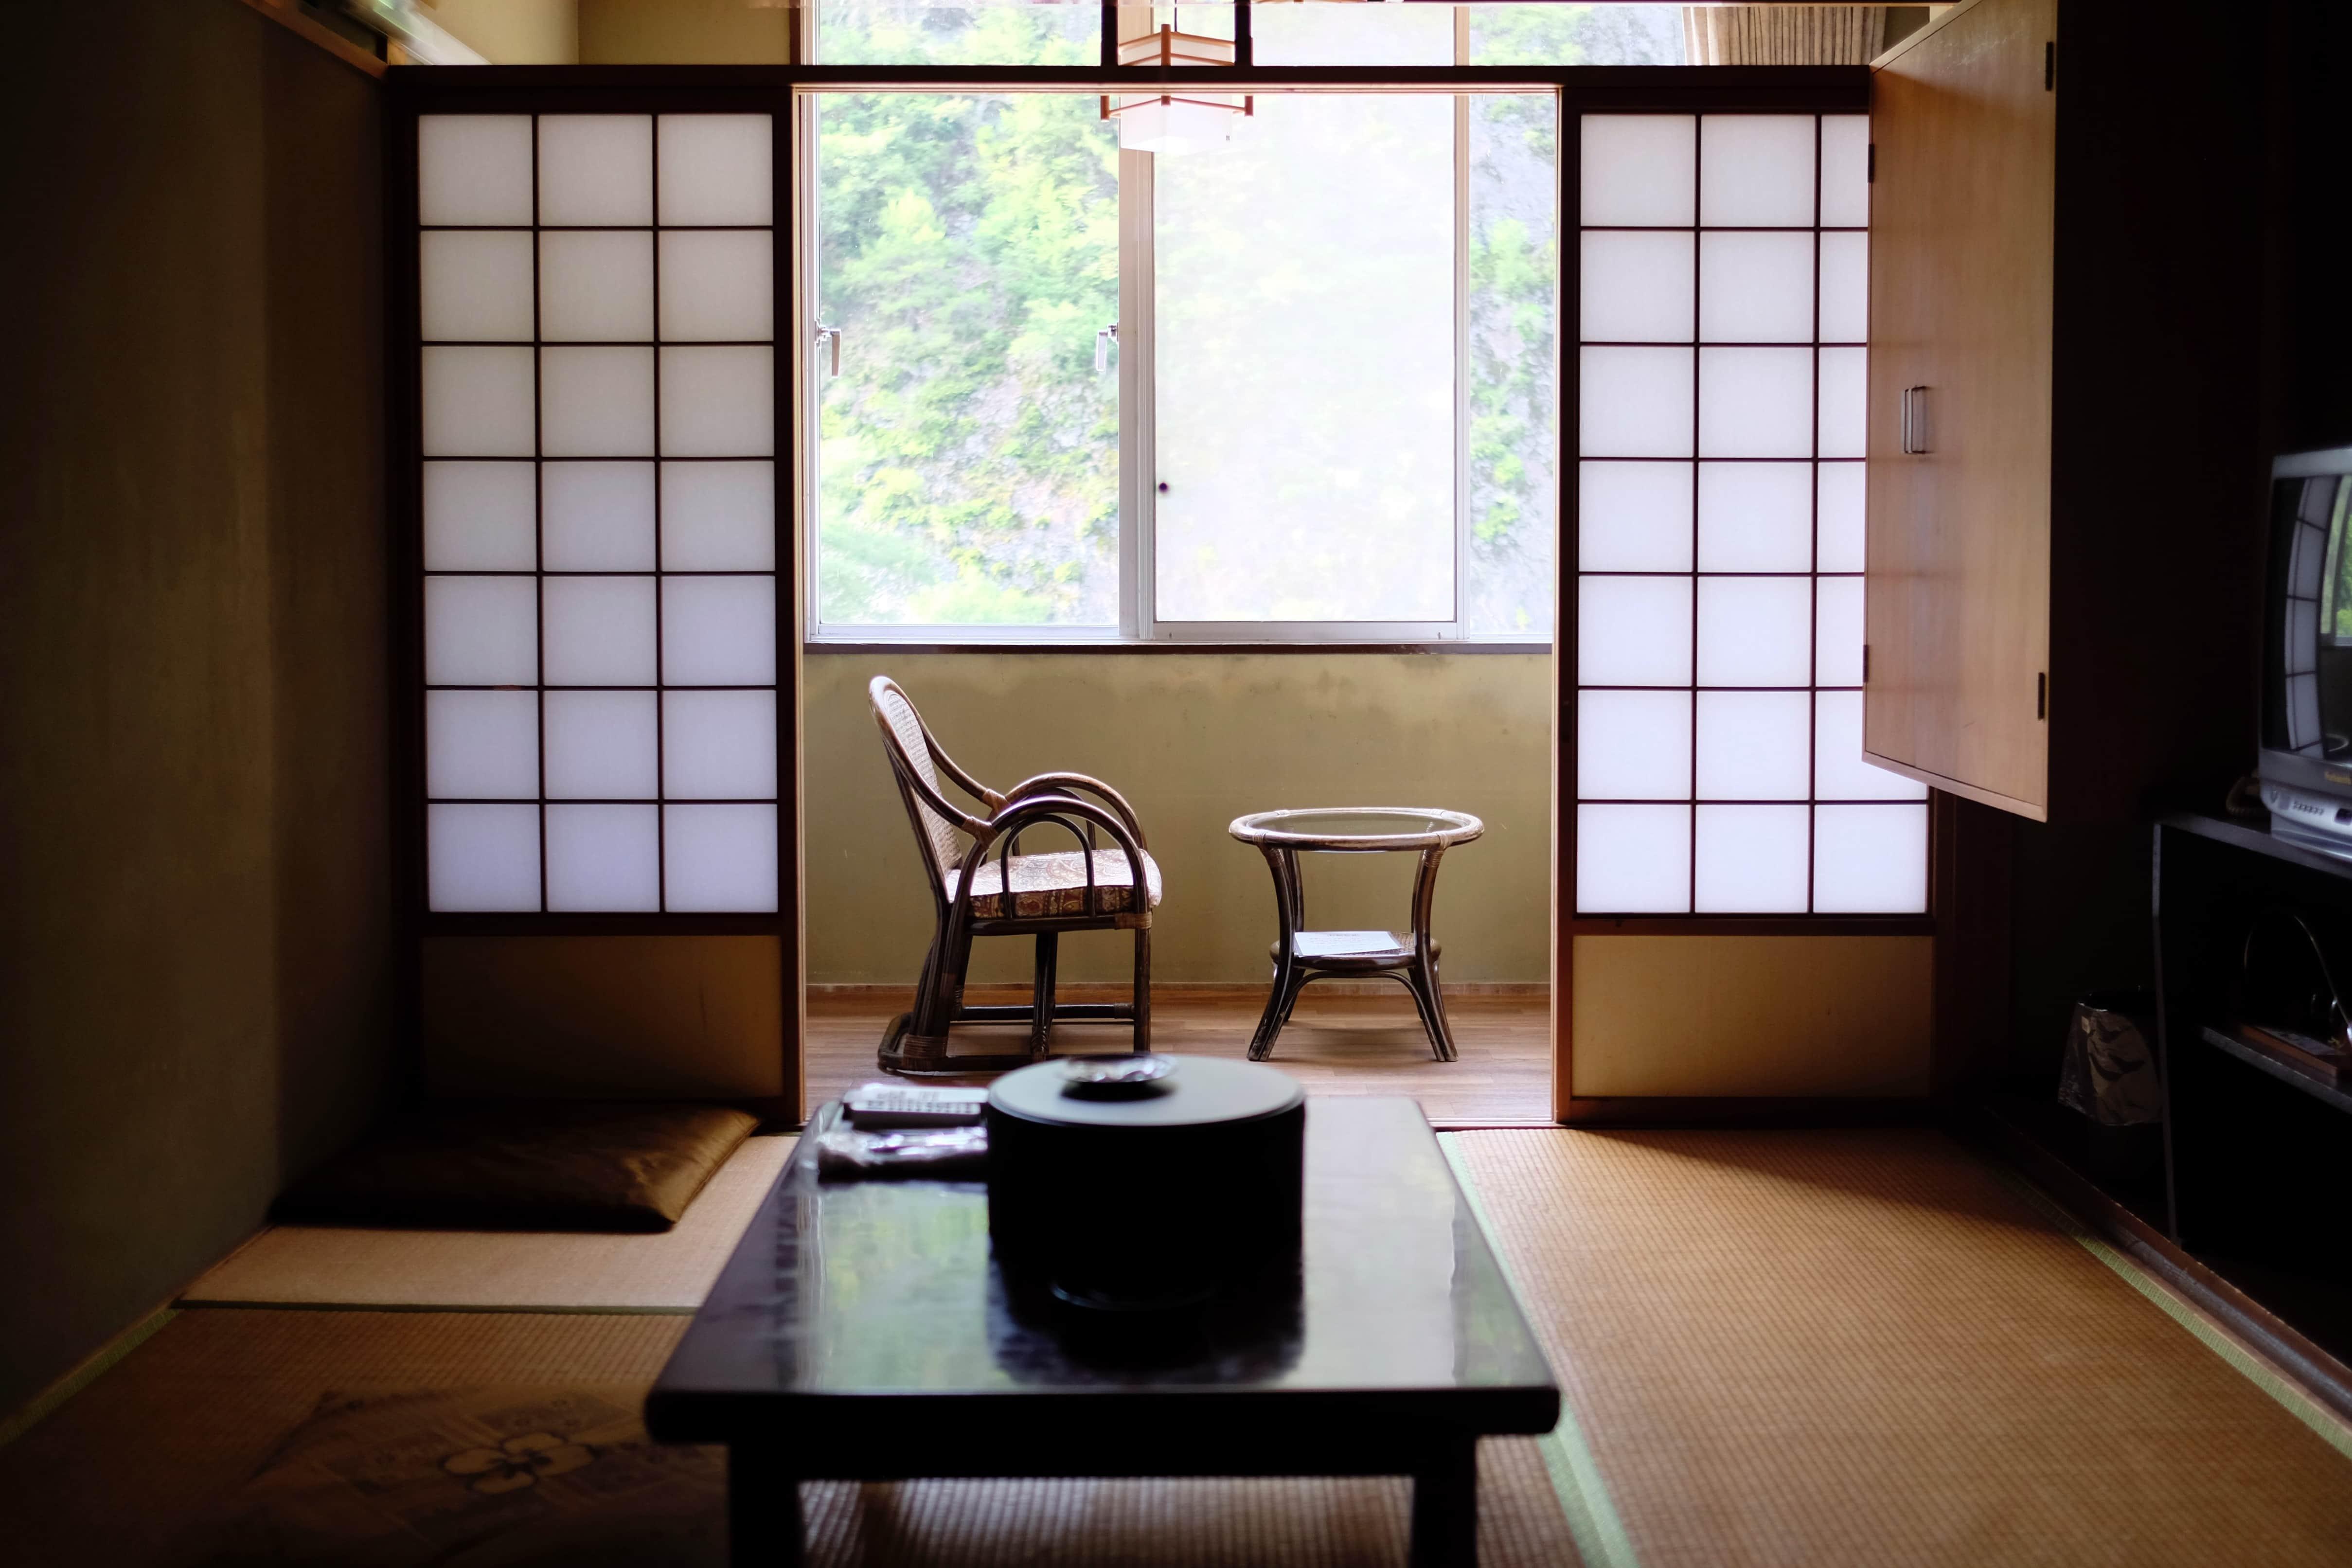 Furuiwaya-sō